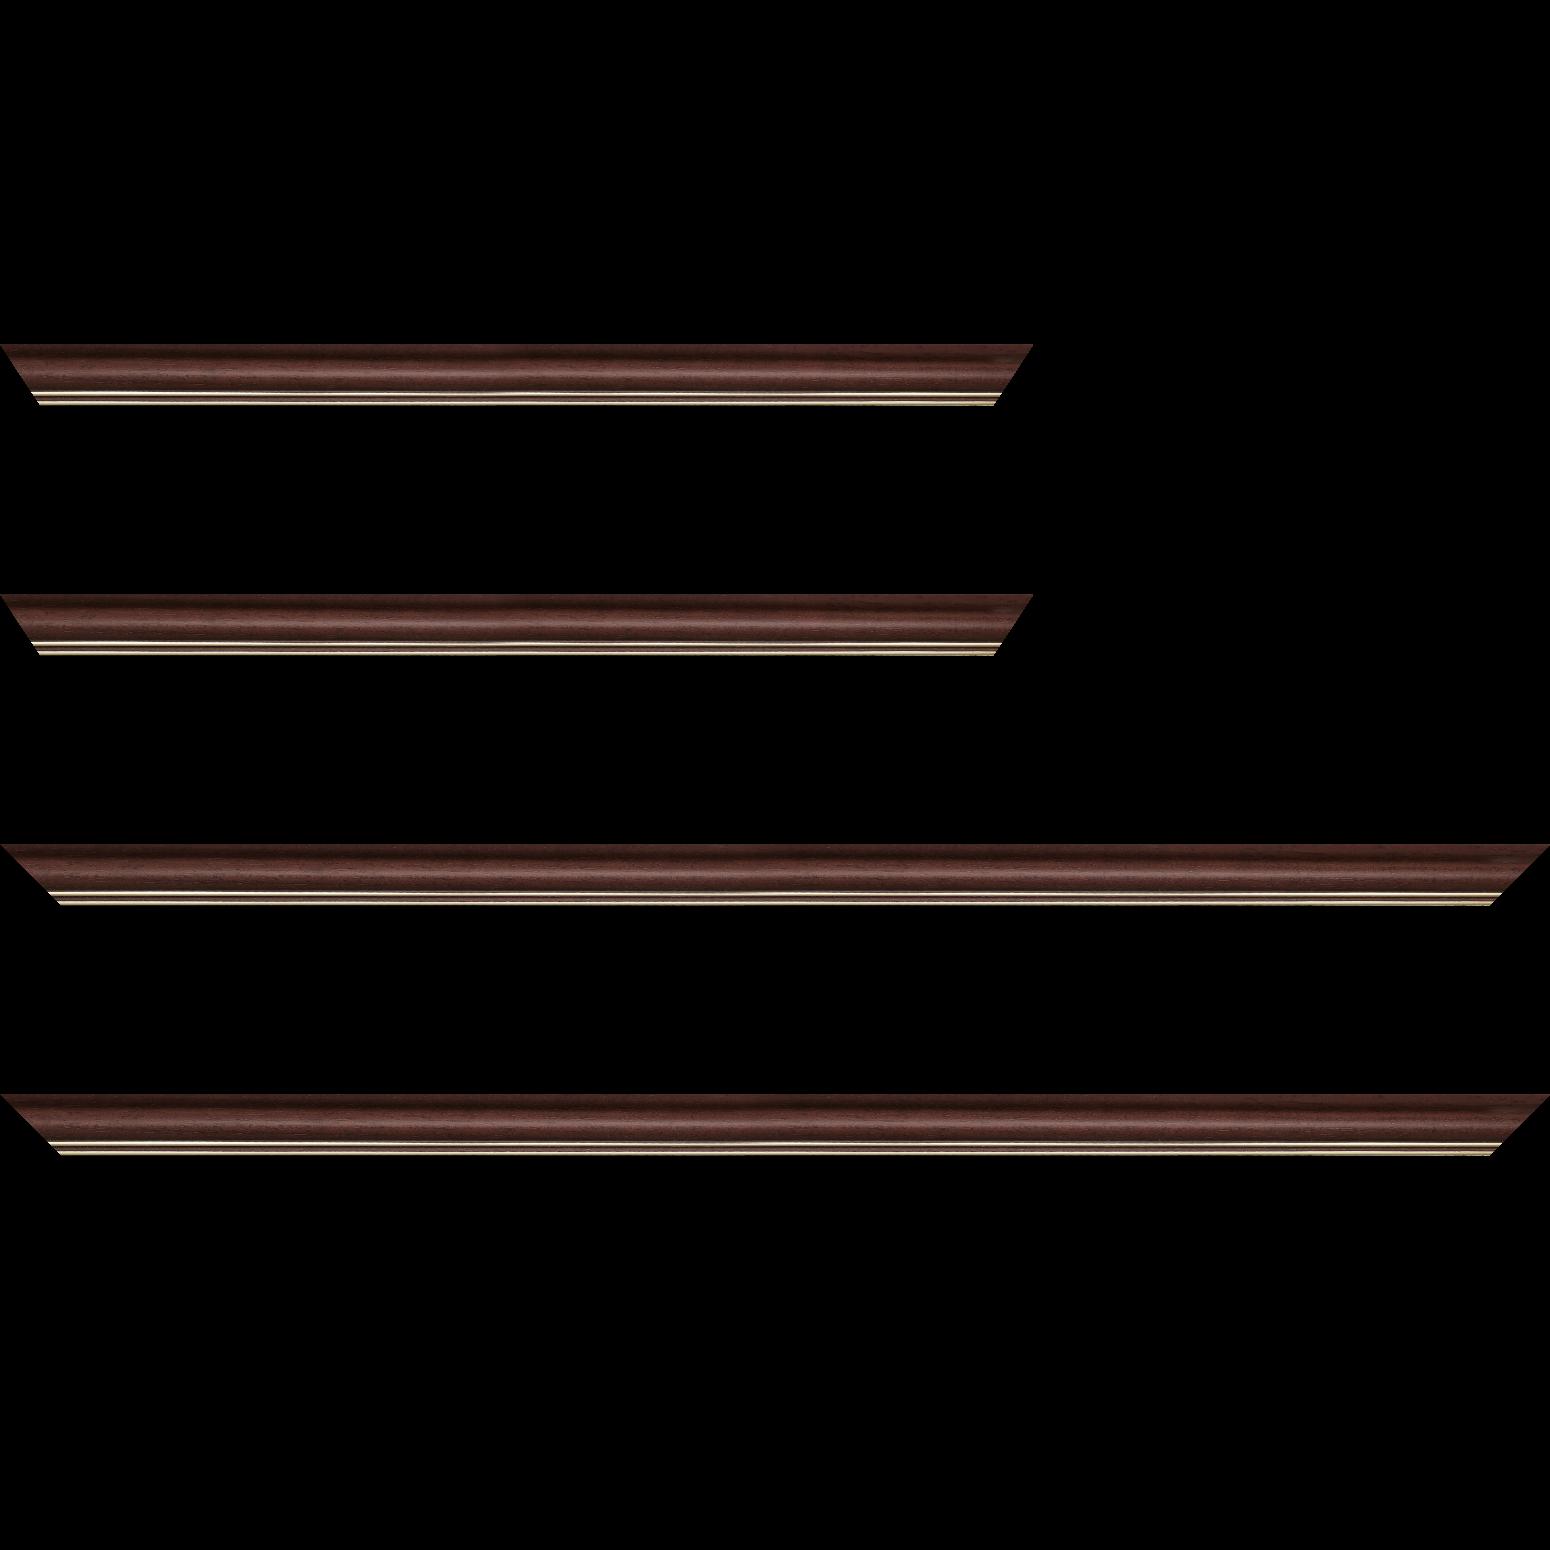 Baguette service précoupé Bois profil doucine inversée largeur 2.3cm bordeaux satiné double filet or